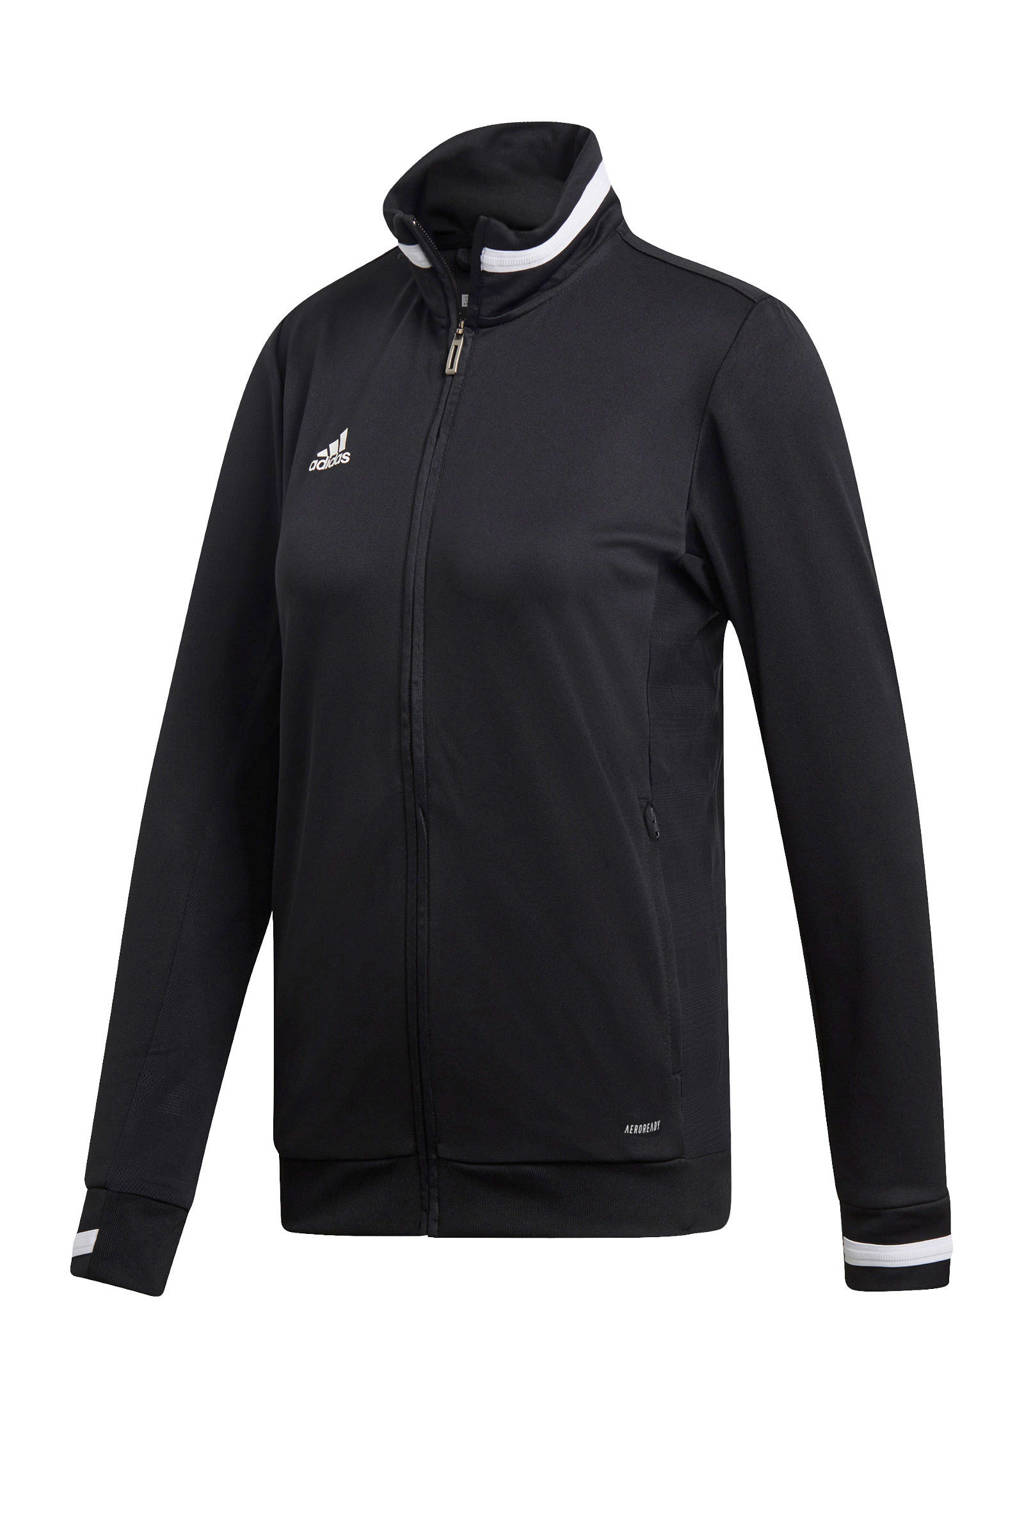 adidas Performance sportvest T19 zwart, Zwart